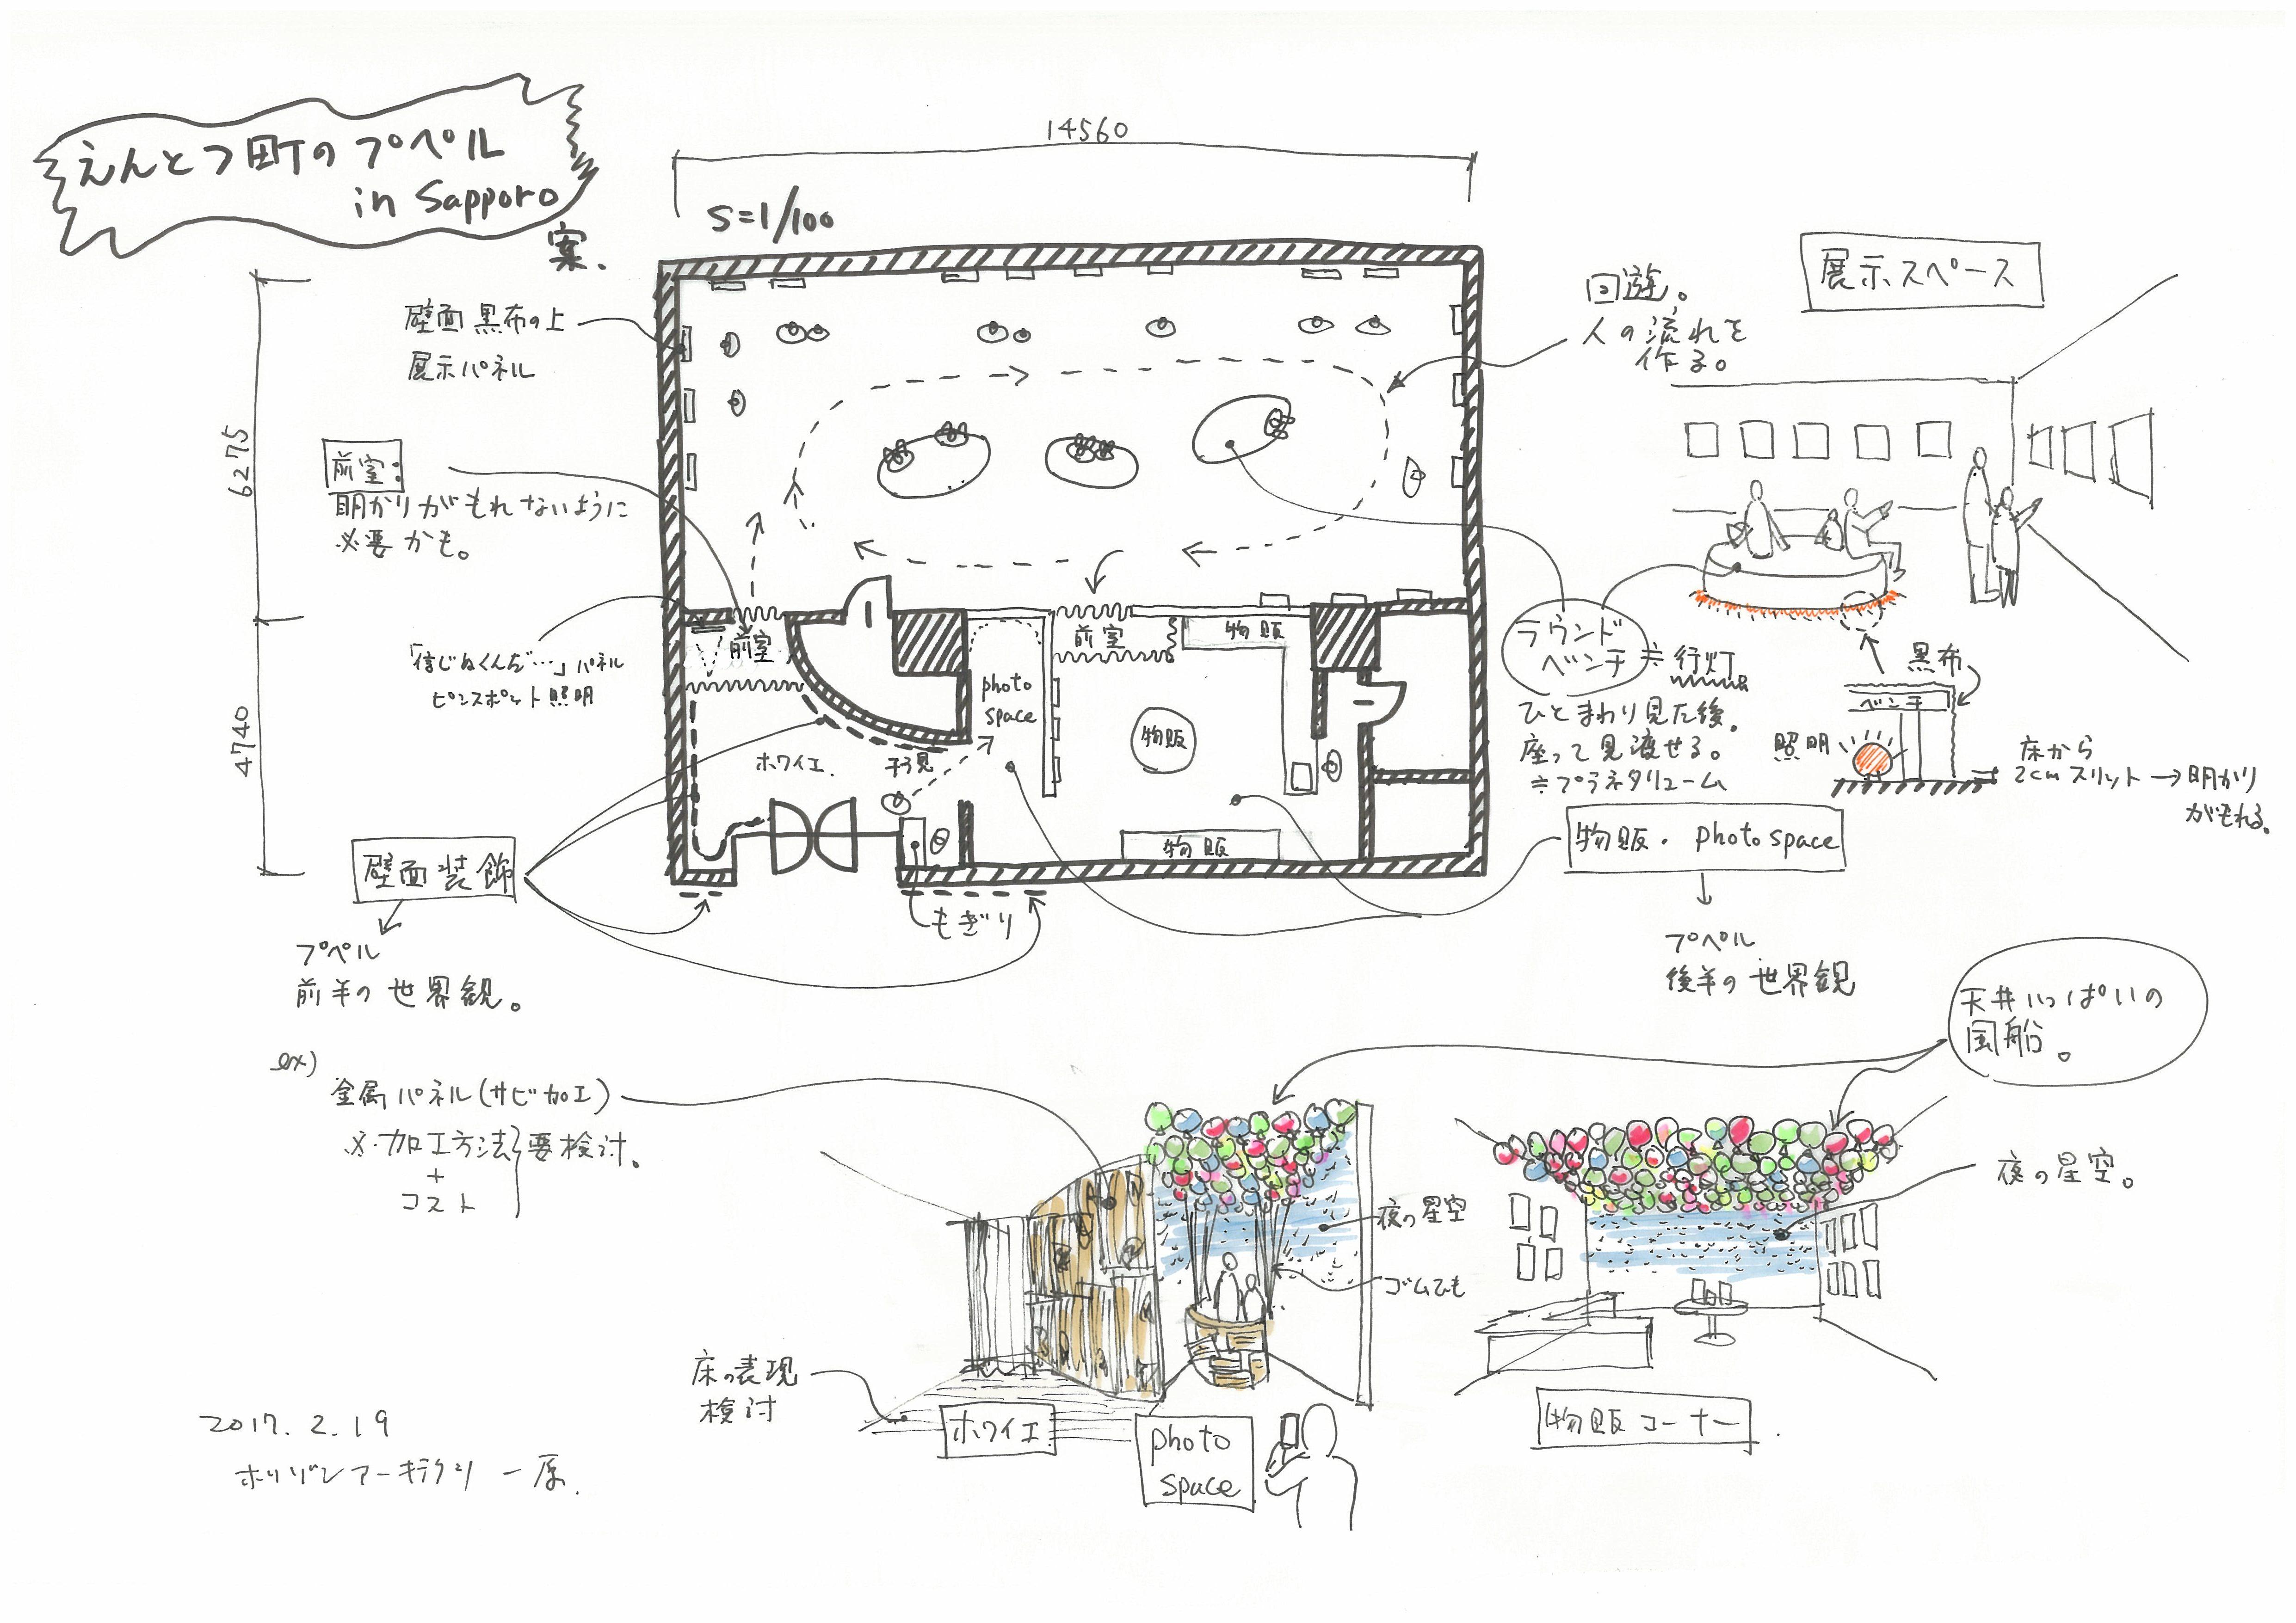 えんとつ町のプペル展in札幌 アートワーク01